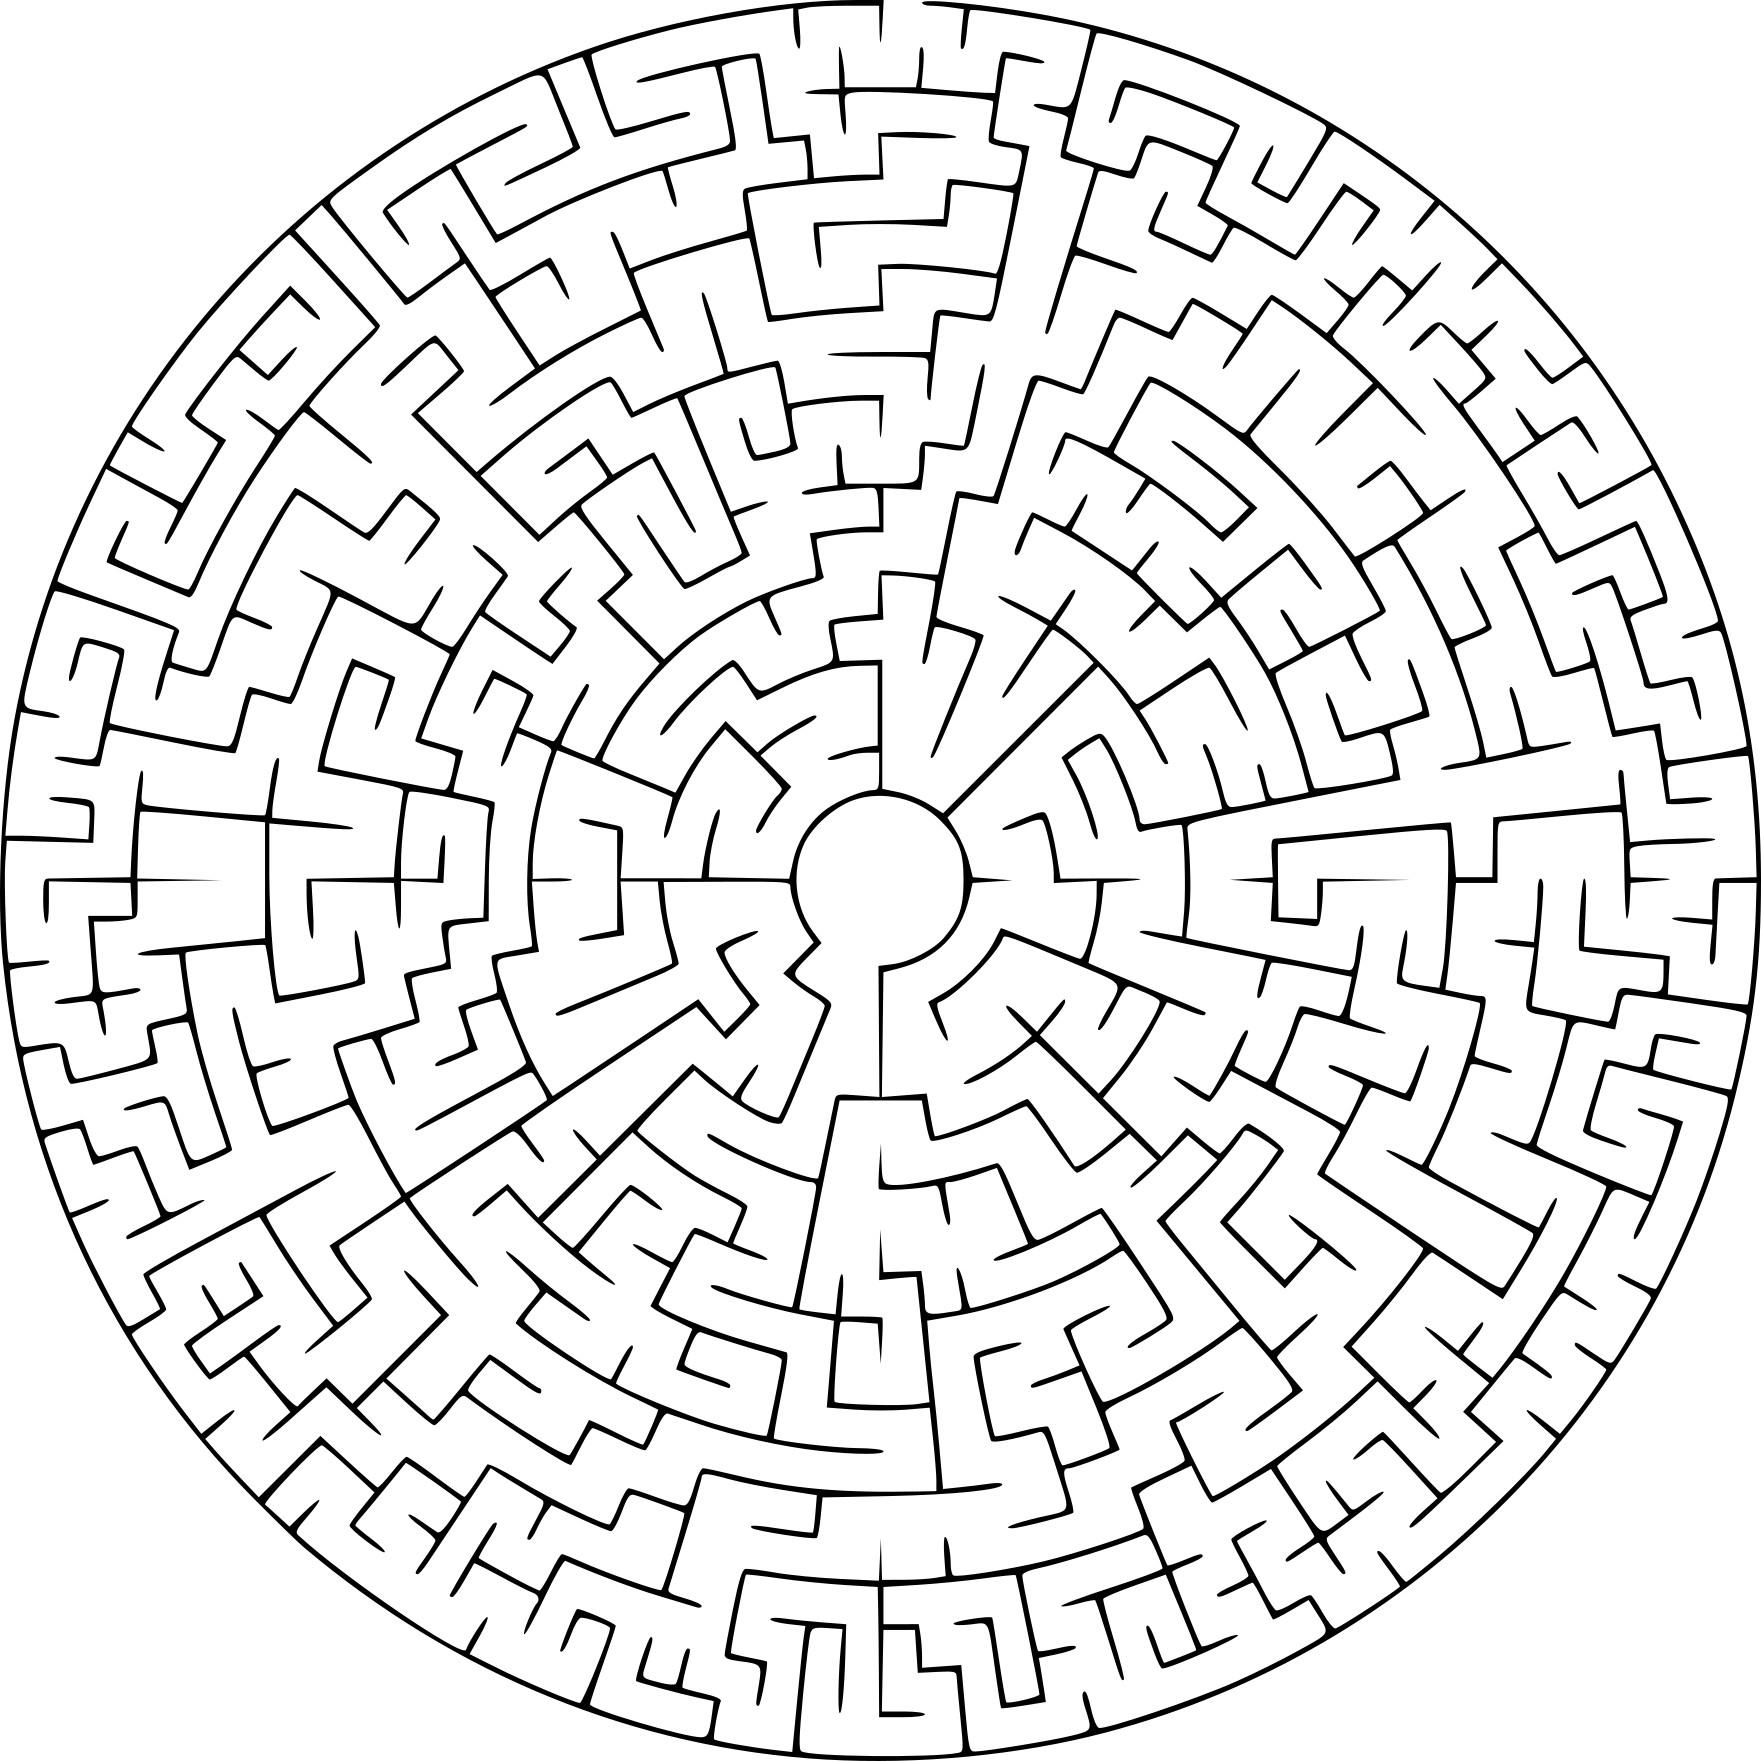 Coloriage Labyrinthe À Imprimer encequiconcerne Labyrinthe Difficile